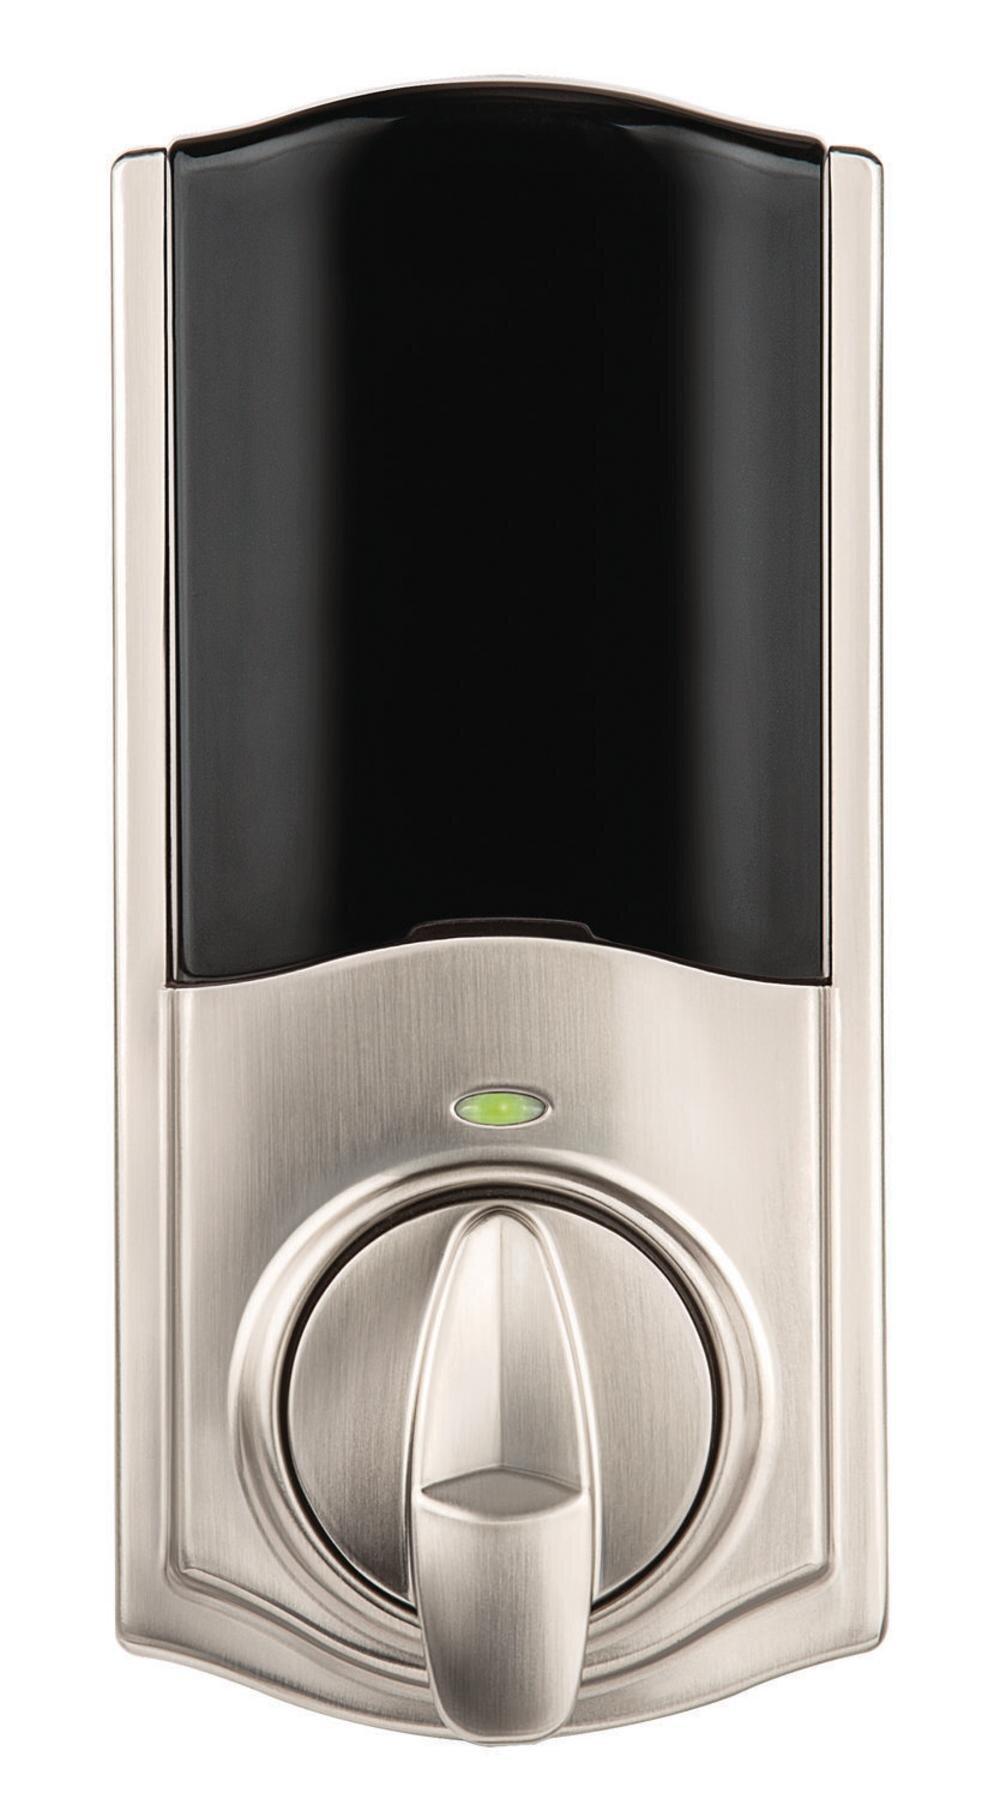 Kwikset Convert Single Cylinder Smart Deadbolt With Bluetooth Capability Wayfair